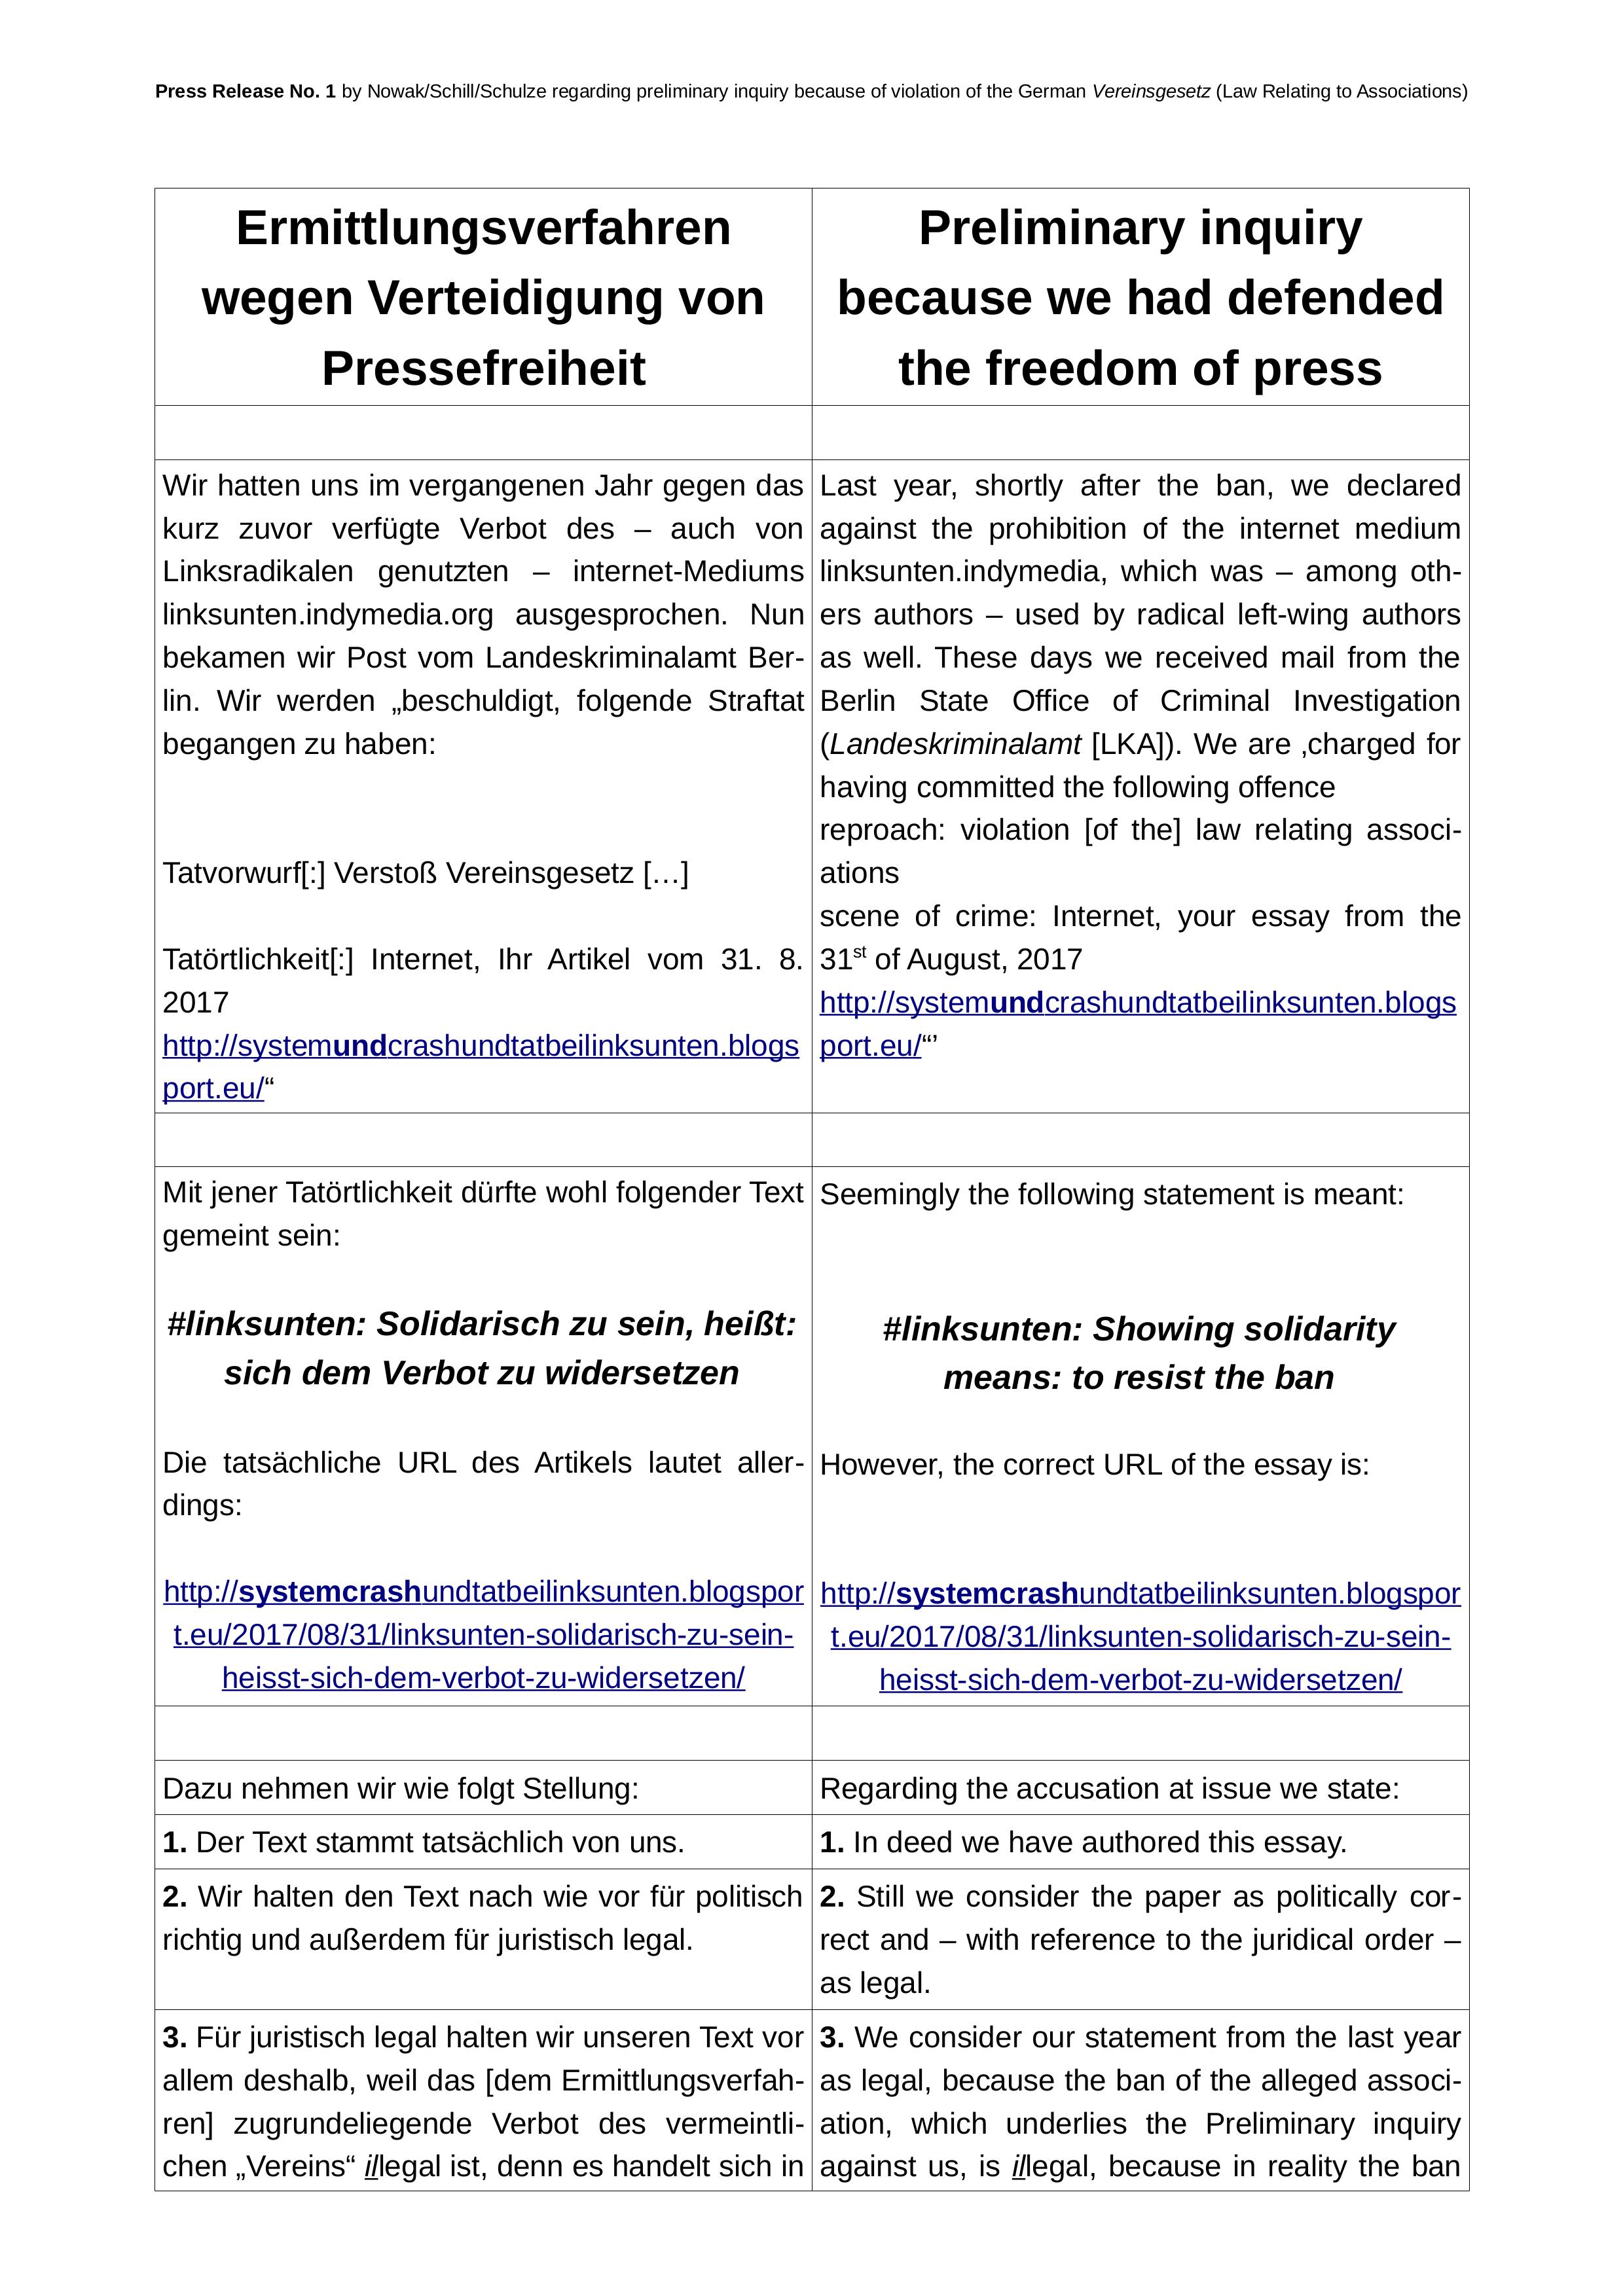 Press Release No. 1 (25/08/2018)